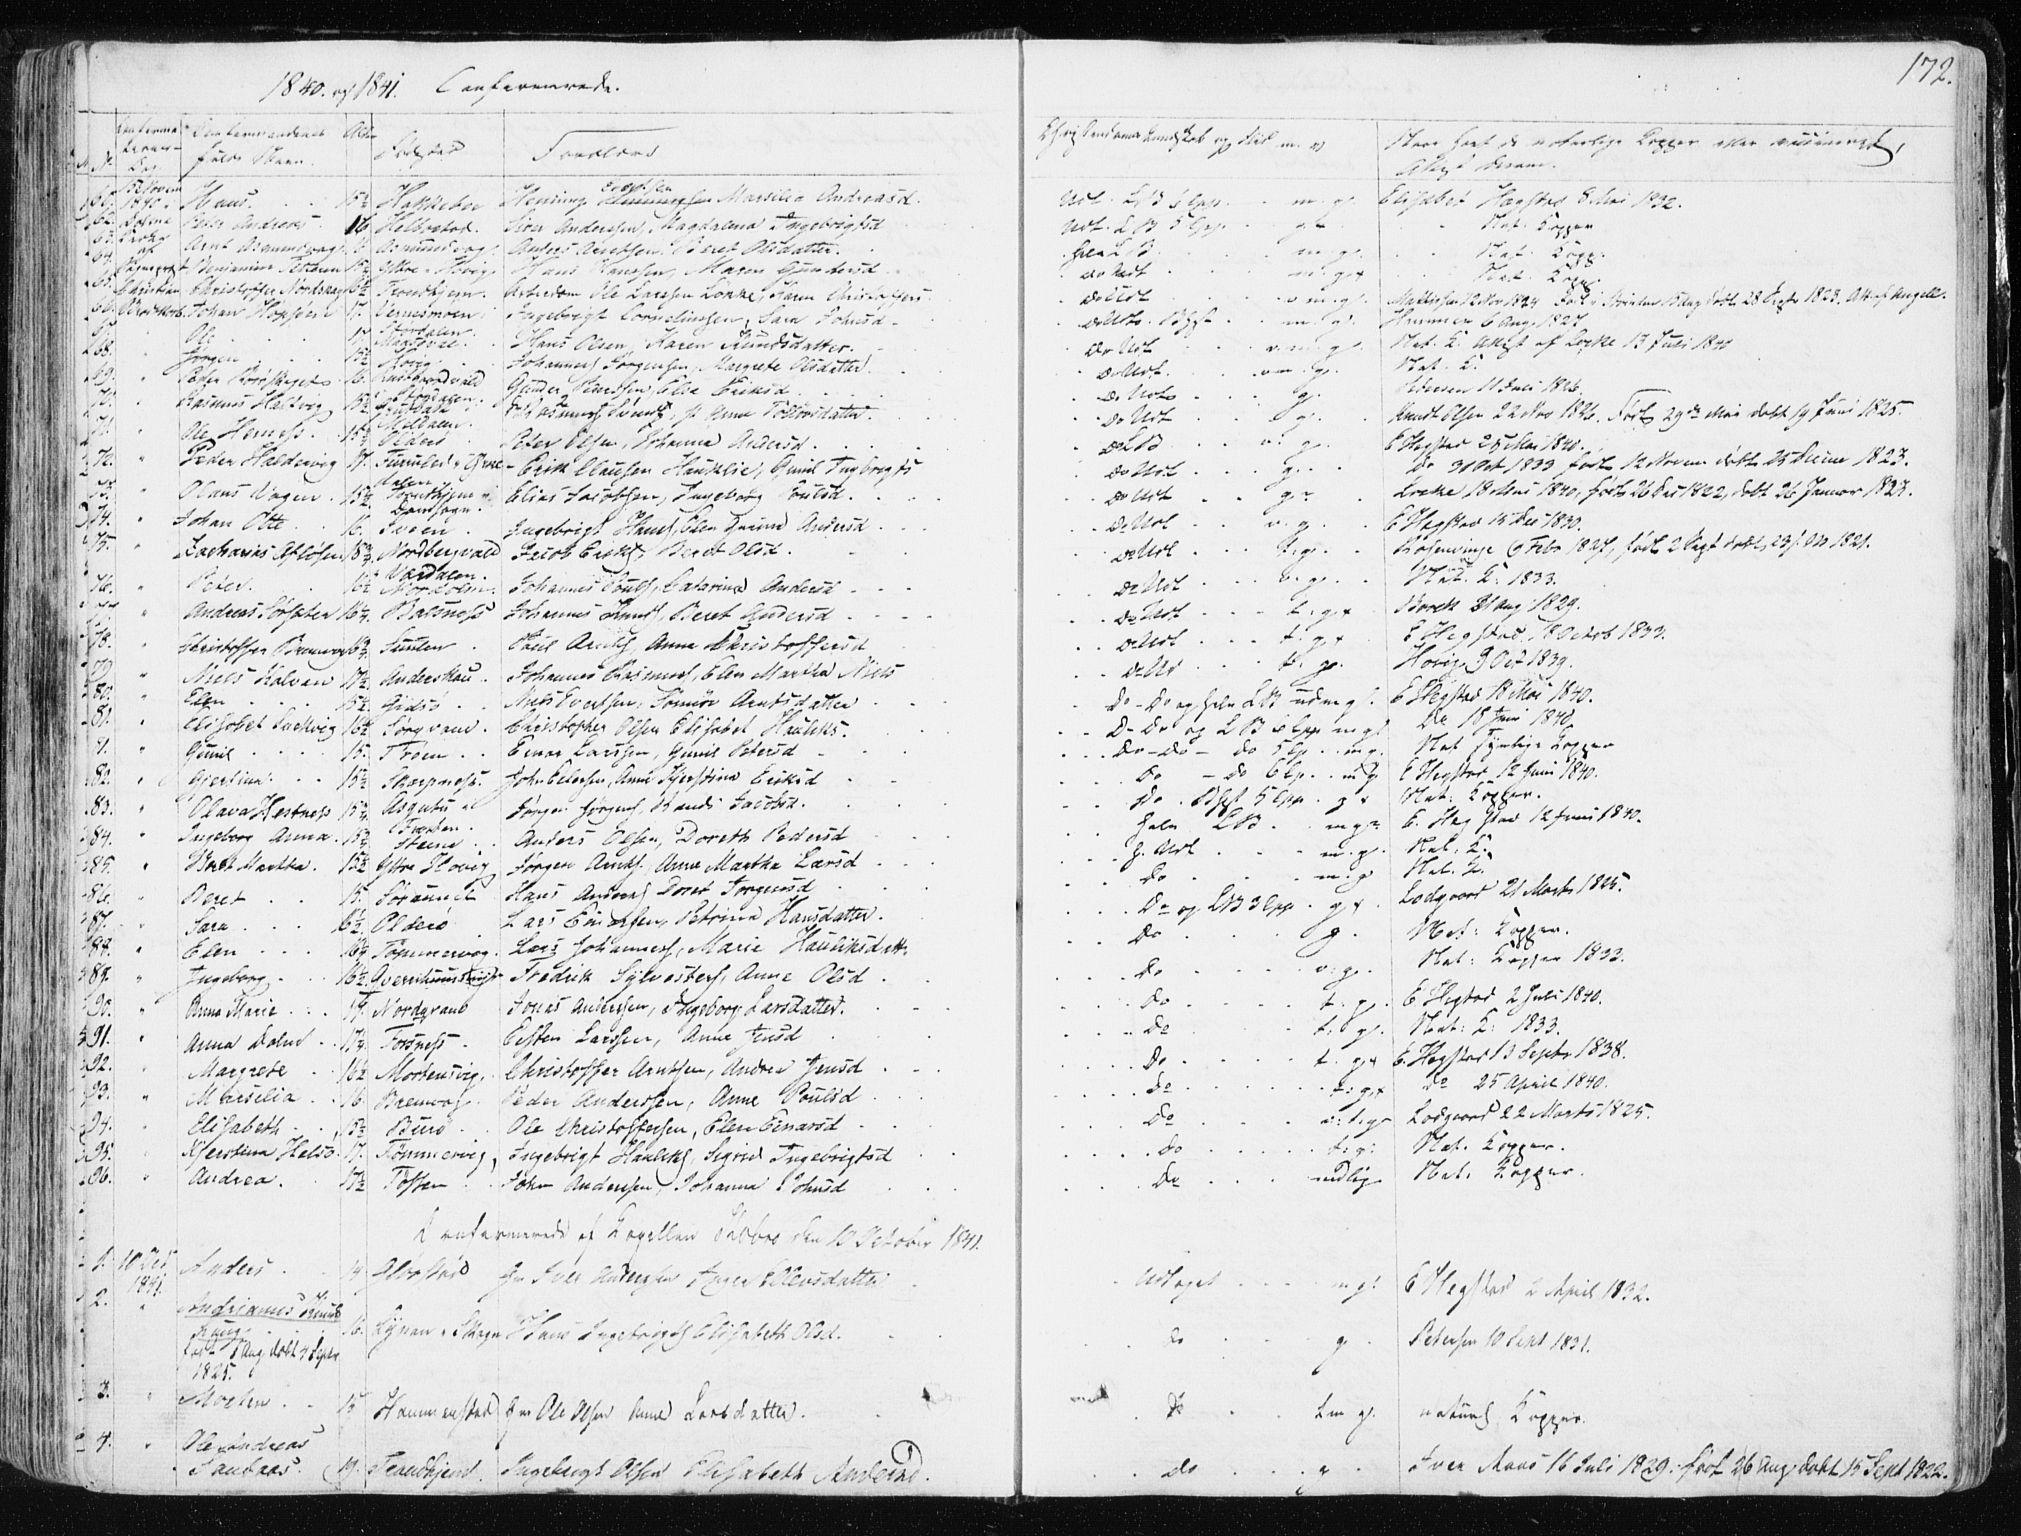 SAT, Ministerialprotokoller, klokkerbøker og fødselsregistre - Sør-Trøndelag, 634/L0528: Ministerialbok nr. 634A04, 1827-1842, s. 172